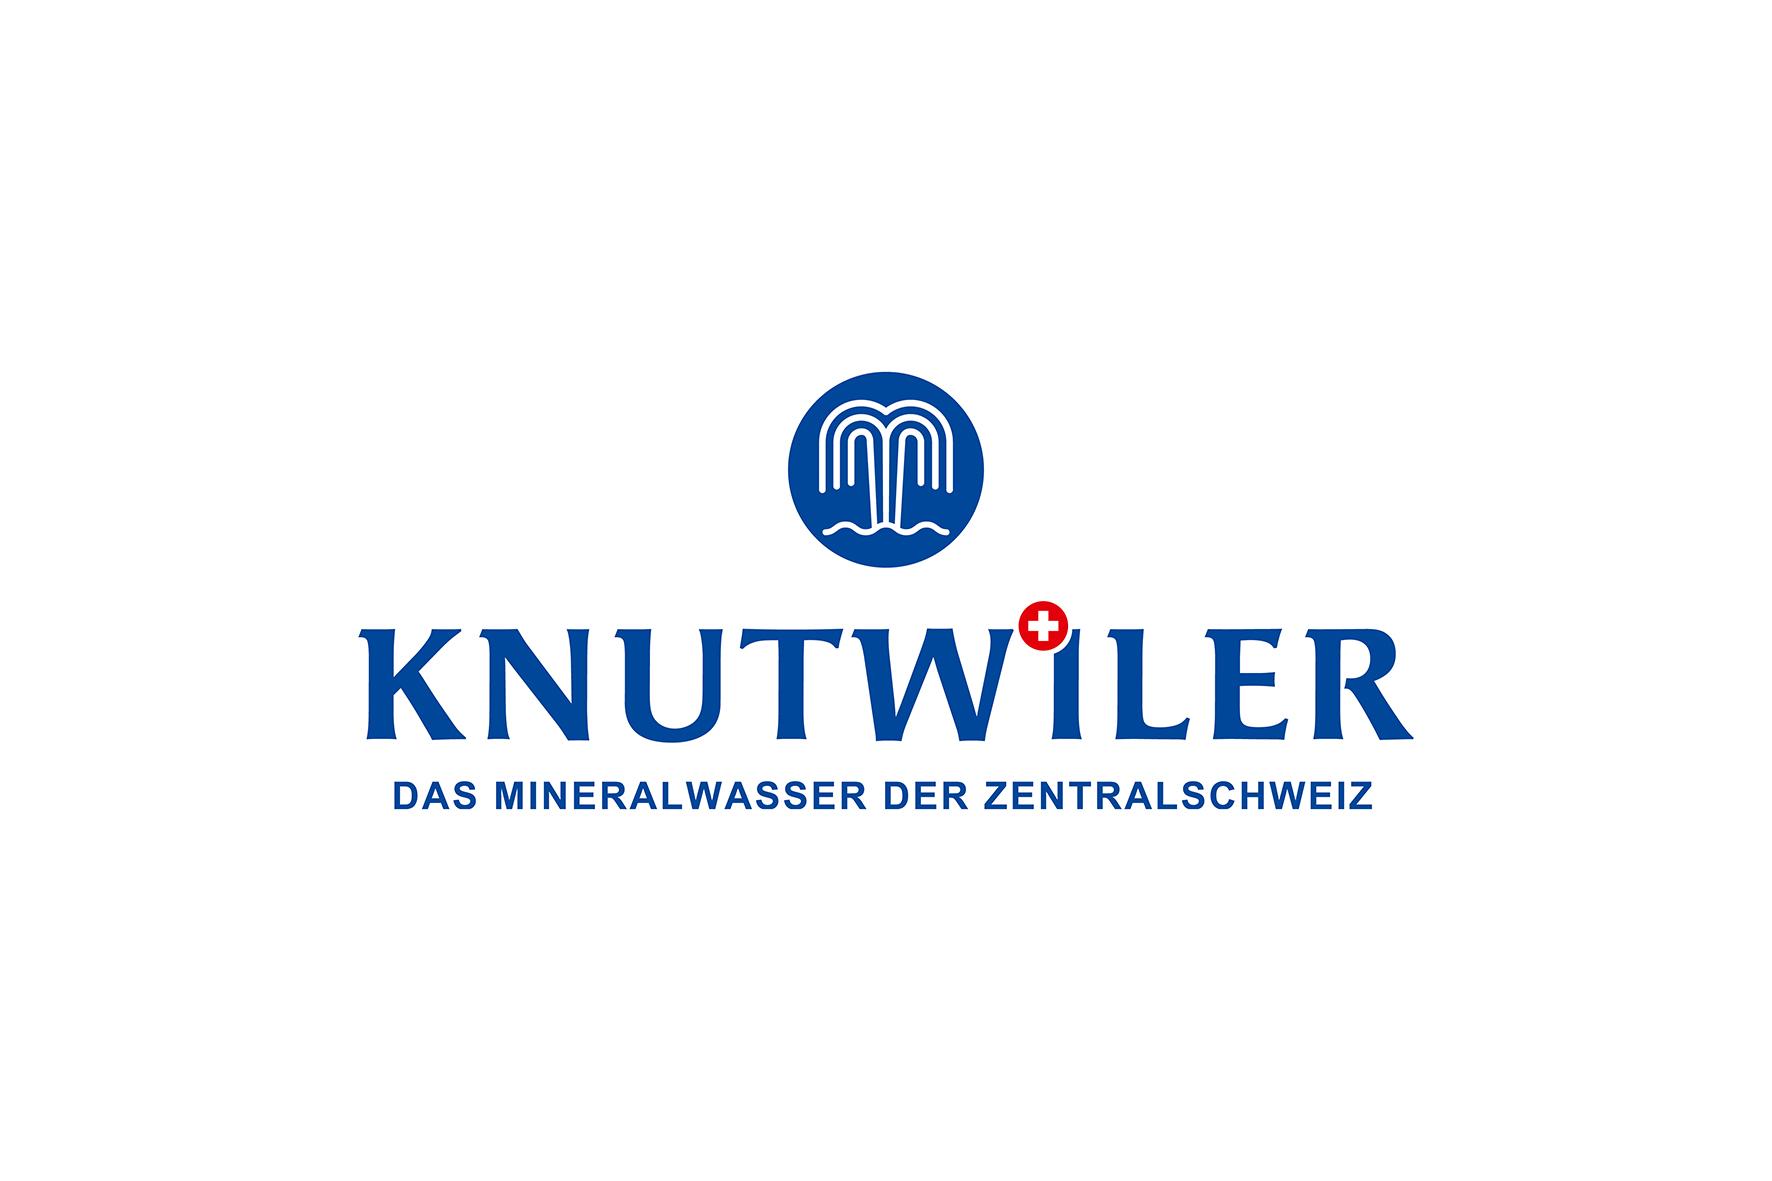 Z_Knutwiler.jpg